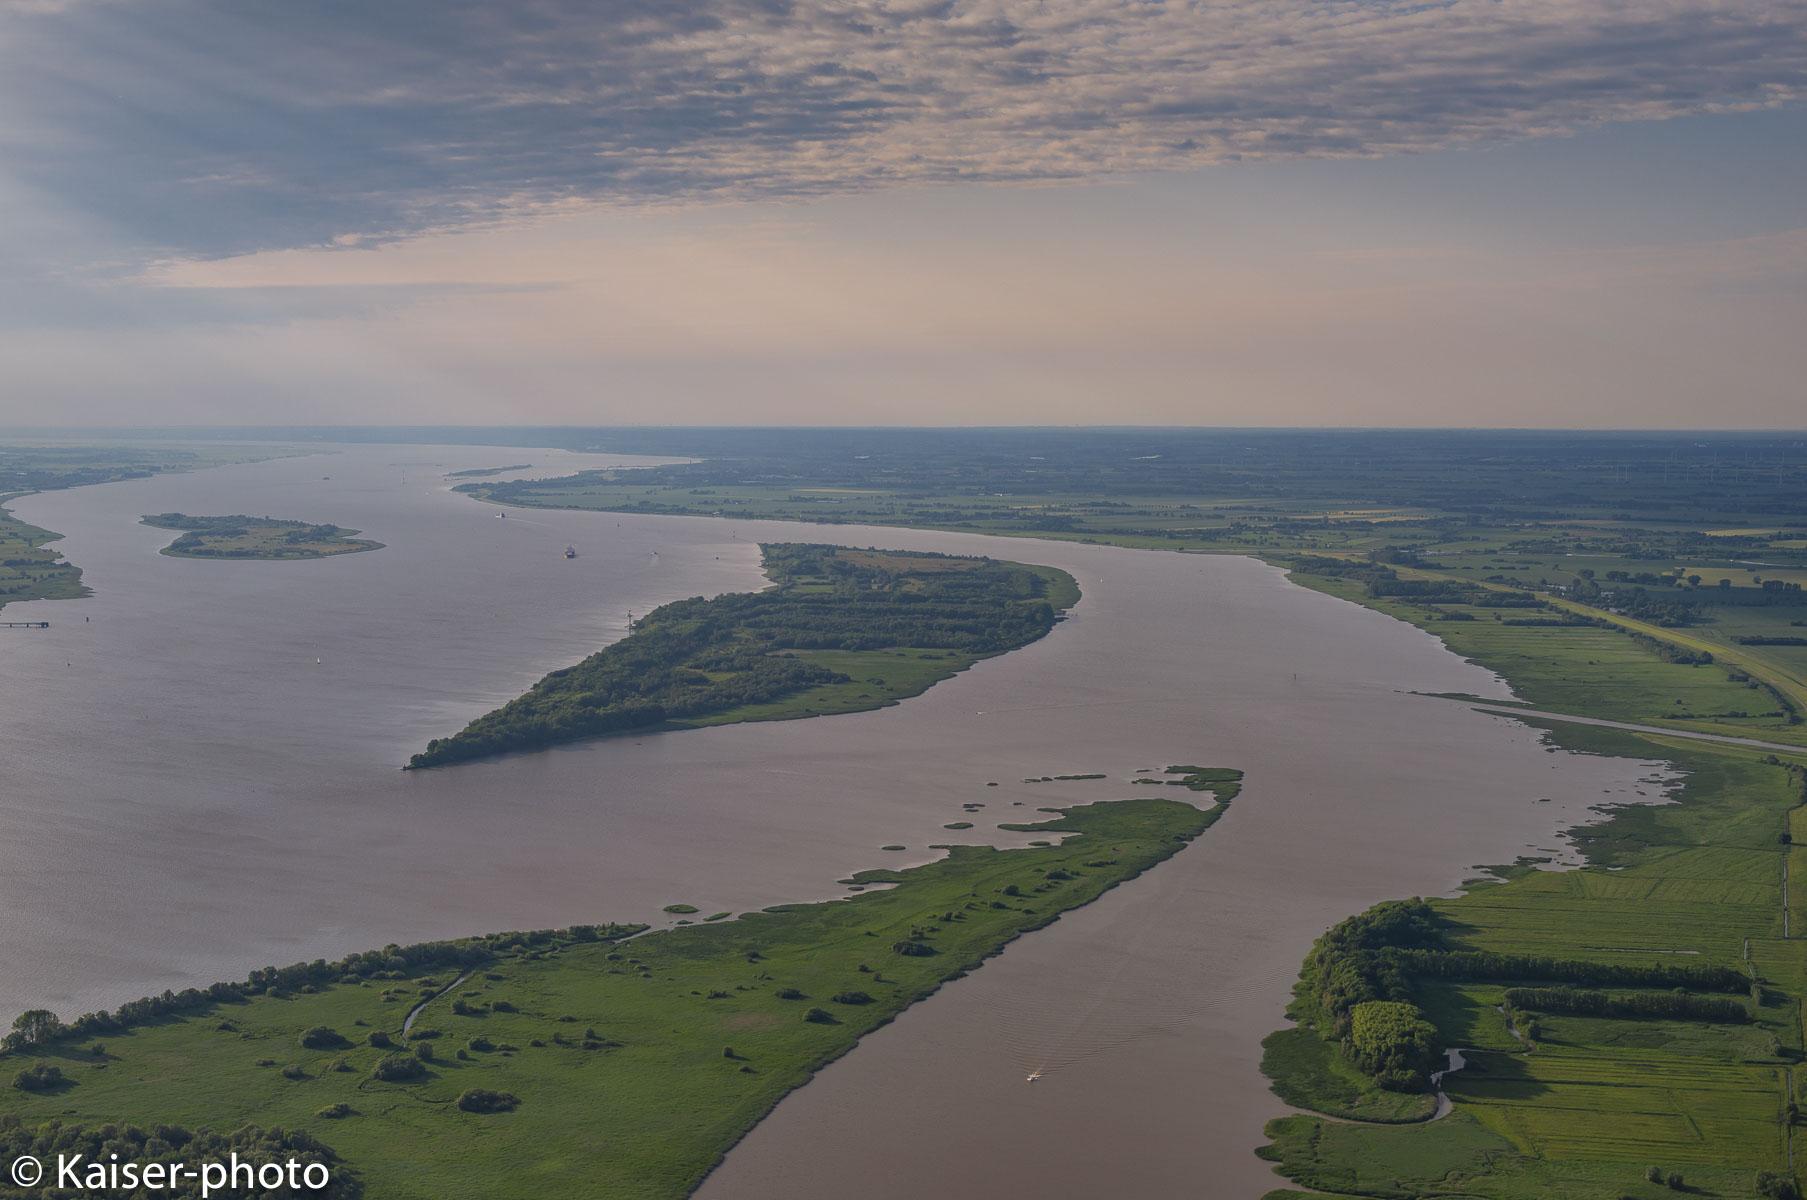 Insel Auberg-Drommel in der Elbe, dahinter die Elbinsel Pagensand